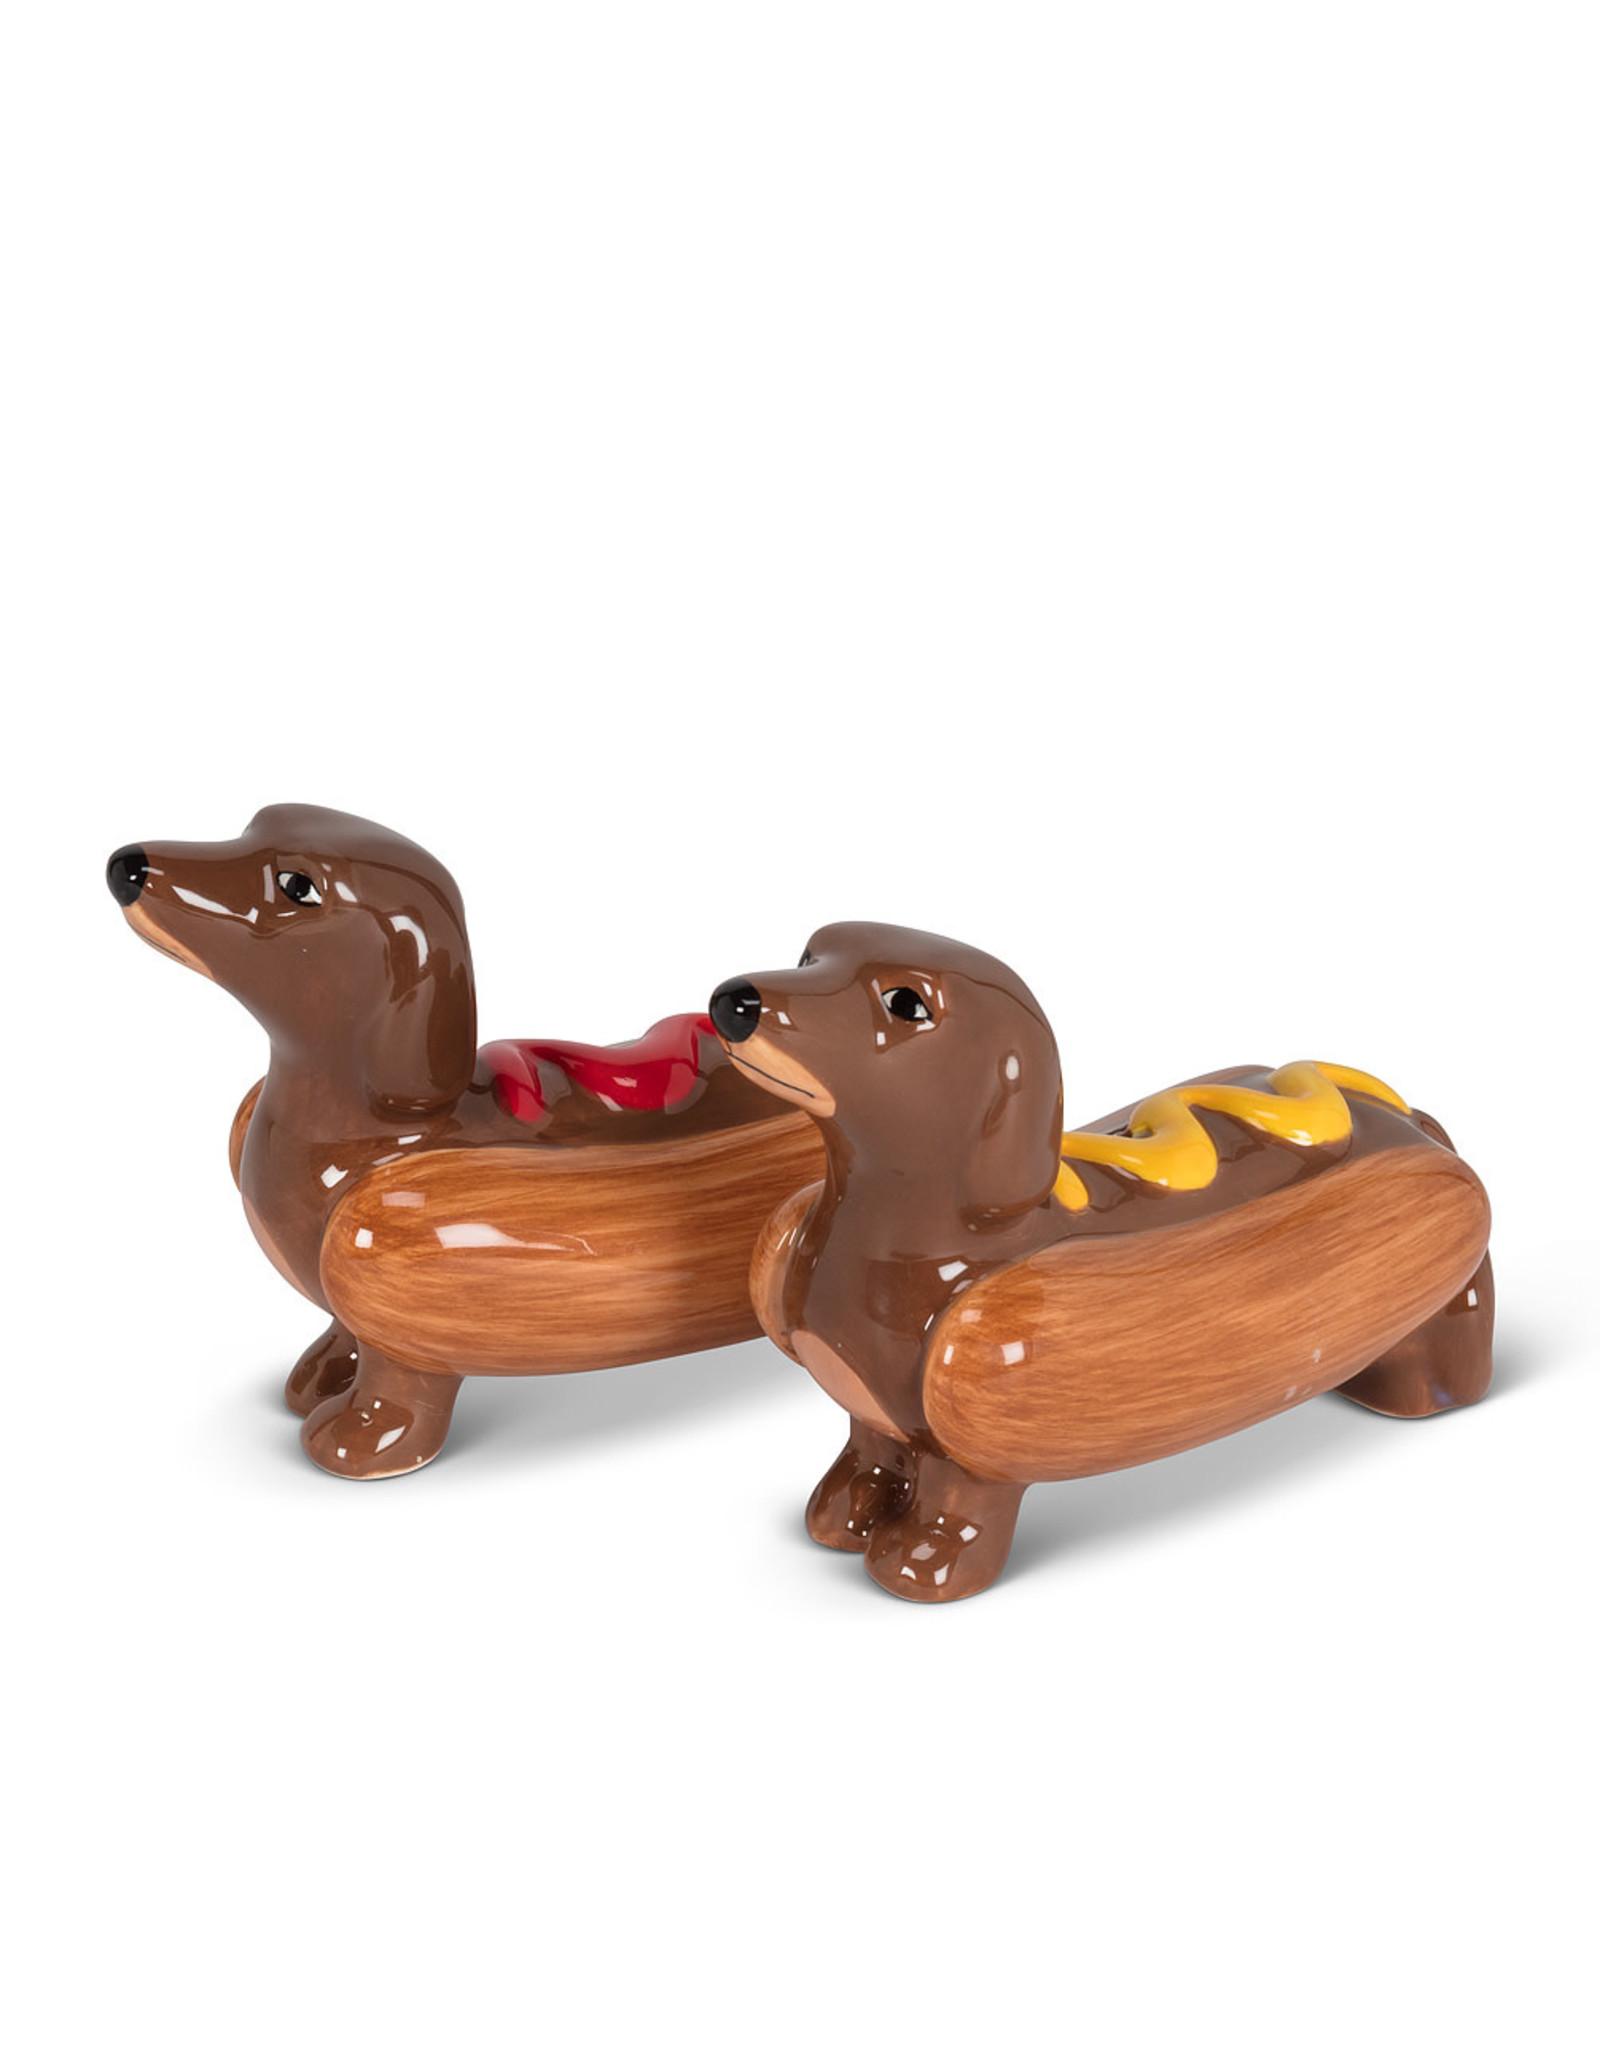 ATT - Dachsund Weiner Dog/Hot Dog Salt & Pepper Shakers